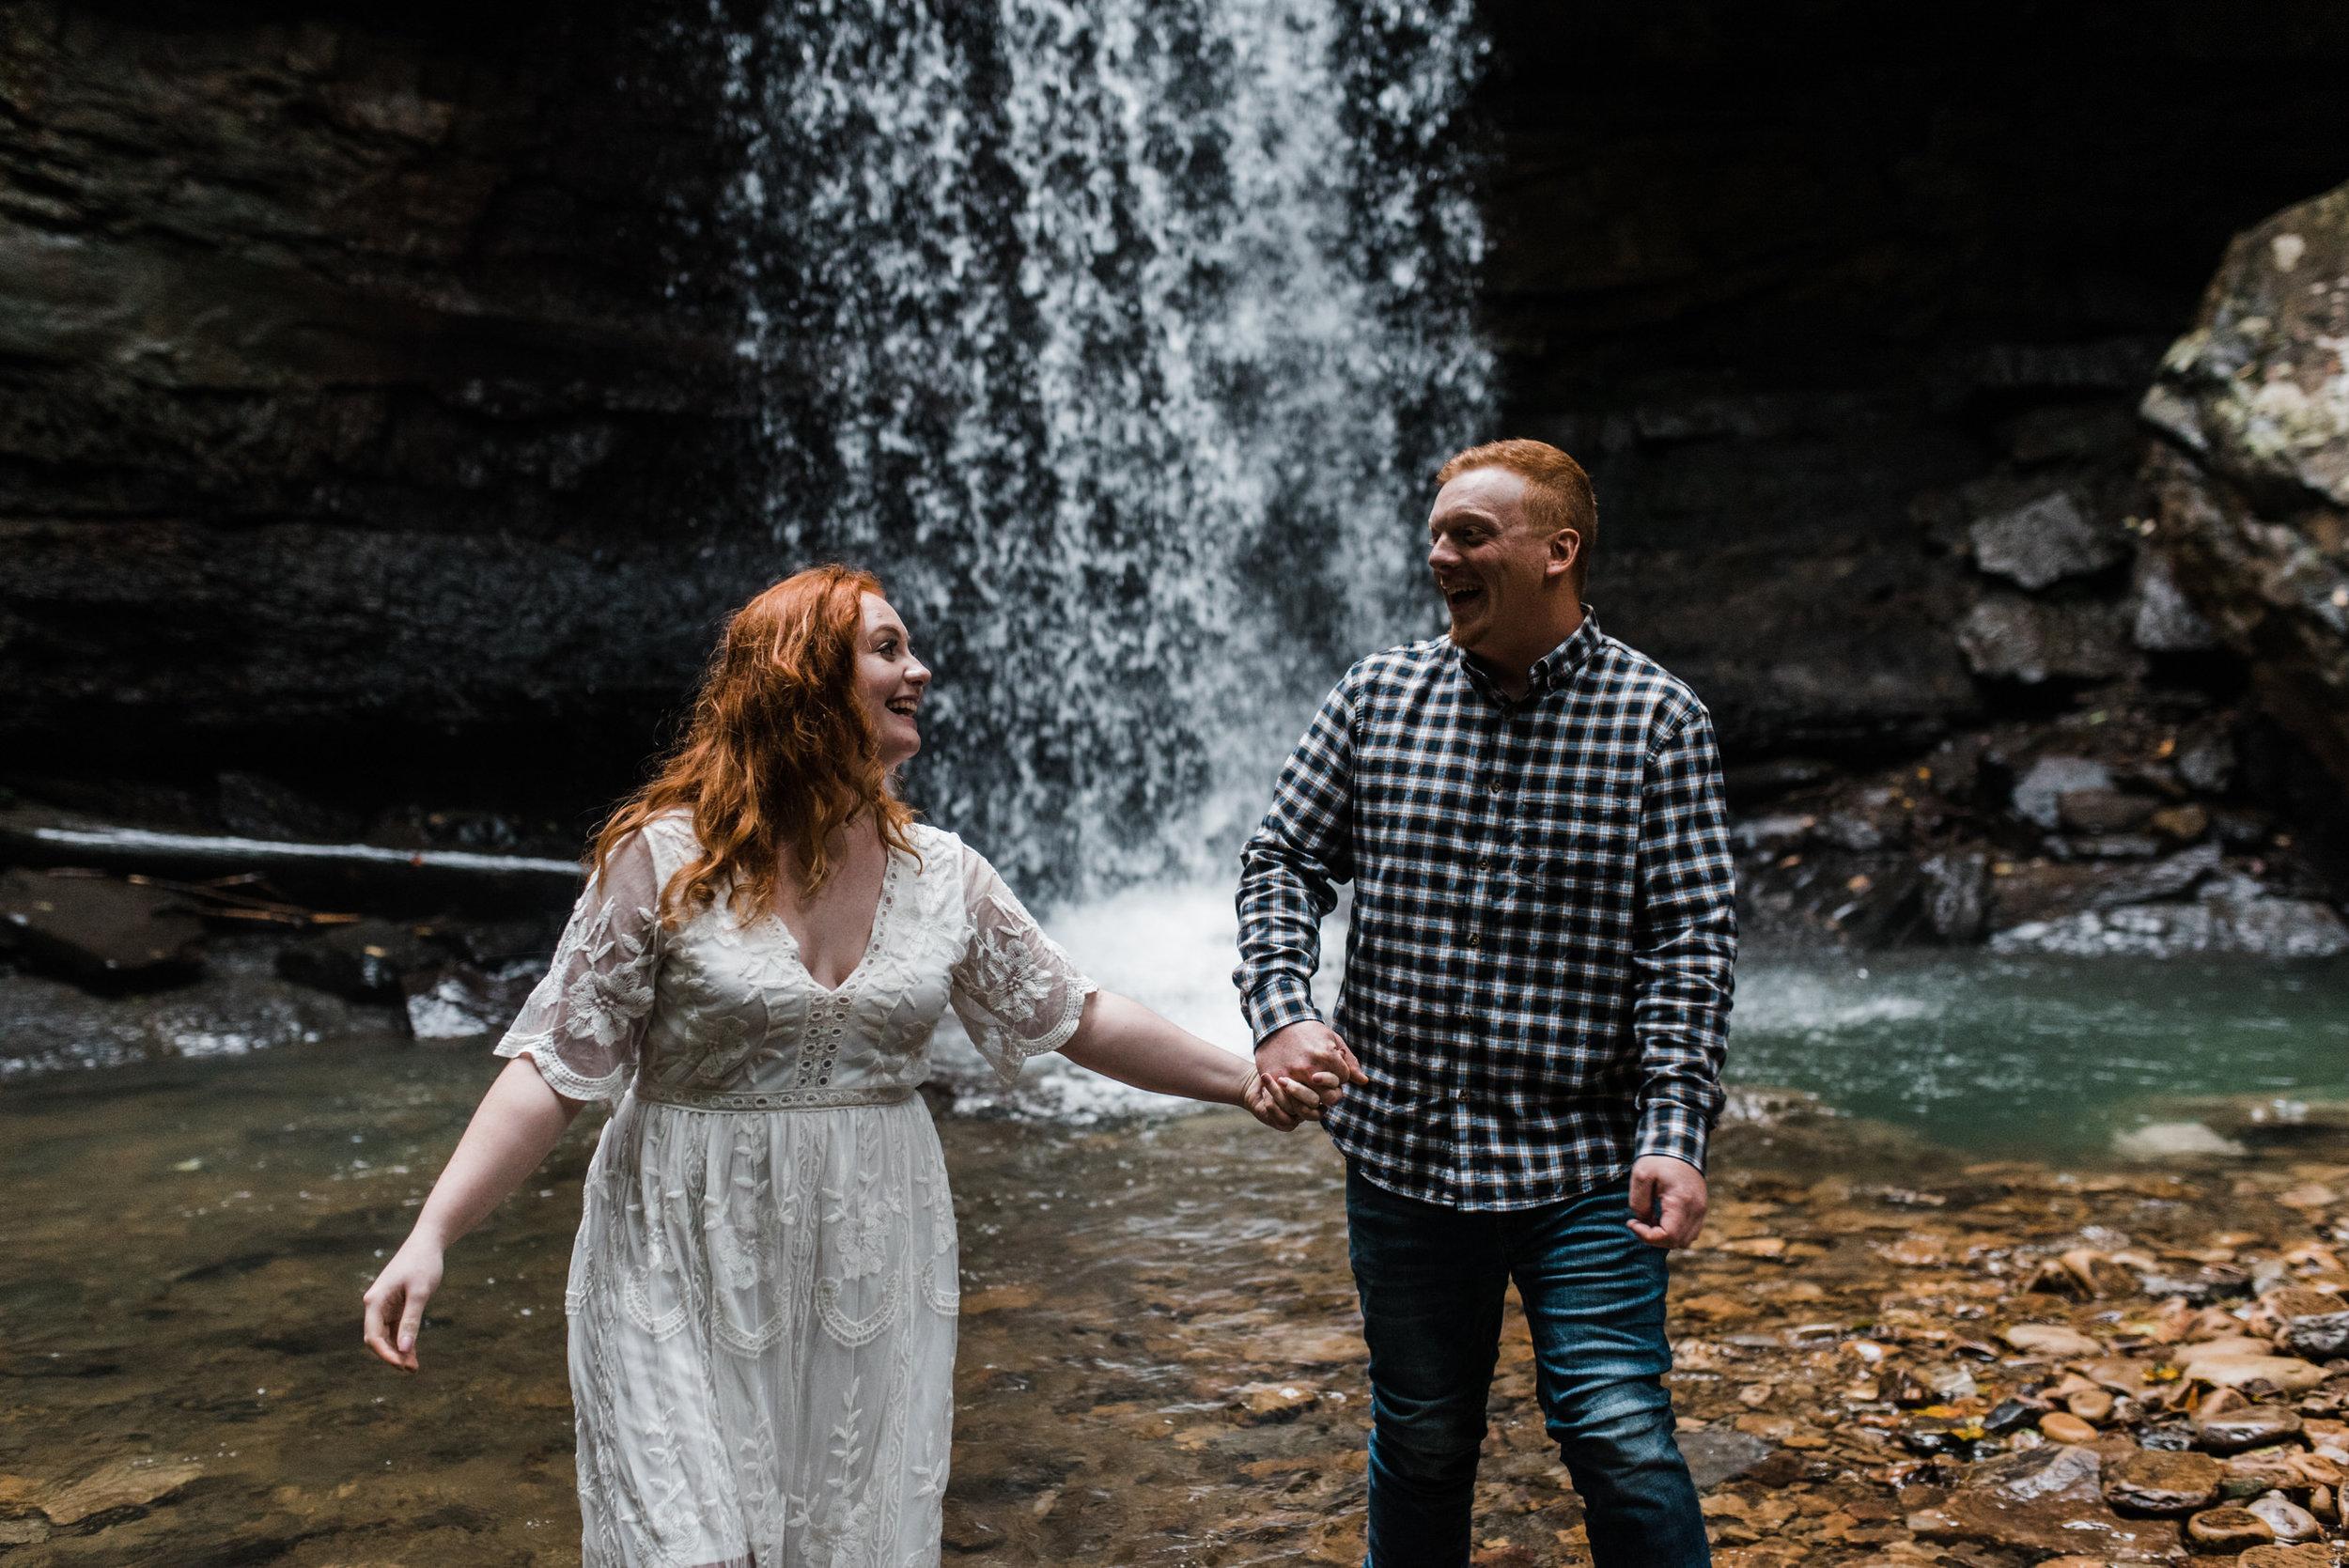 Ohio-Pyle-Engagement_Photos-Ashley-Reed_Photography_038.jpg